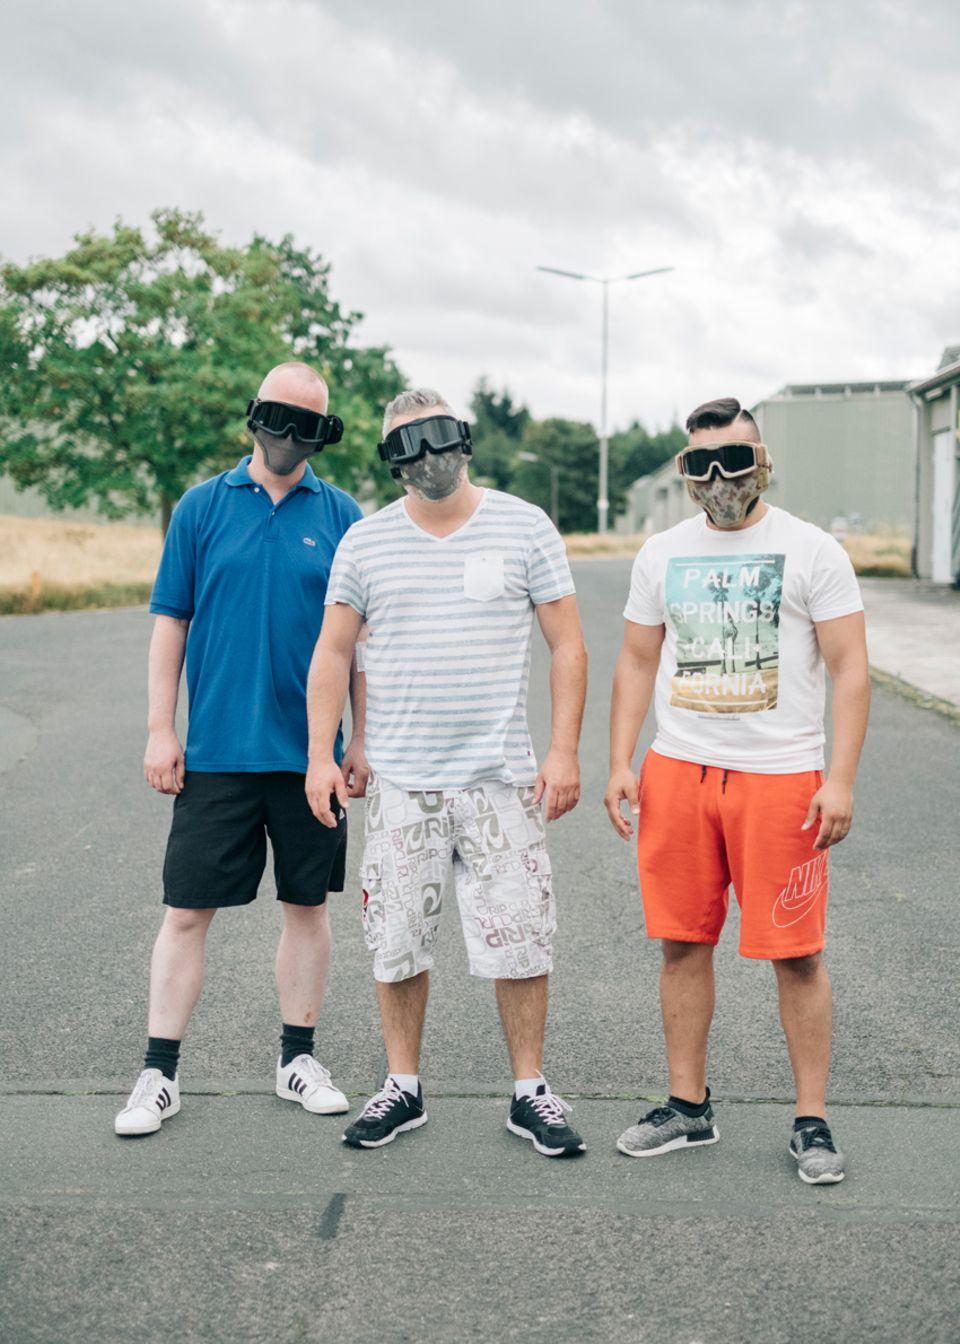 Politik: Werden gleich beschossen: links Stephan, rechts Tolga, in der Mitte ihr Chef Herr Huber. Die Masken sollen sie vor den Softairpatronen schützen.